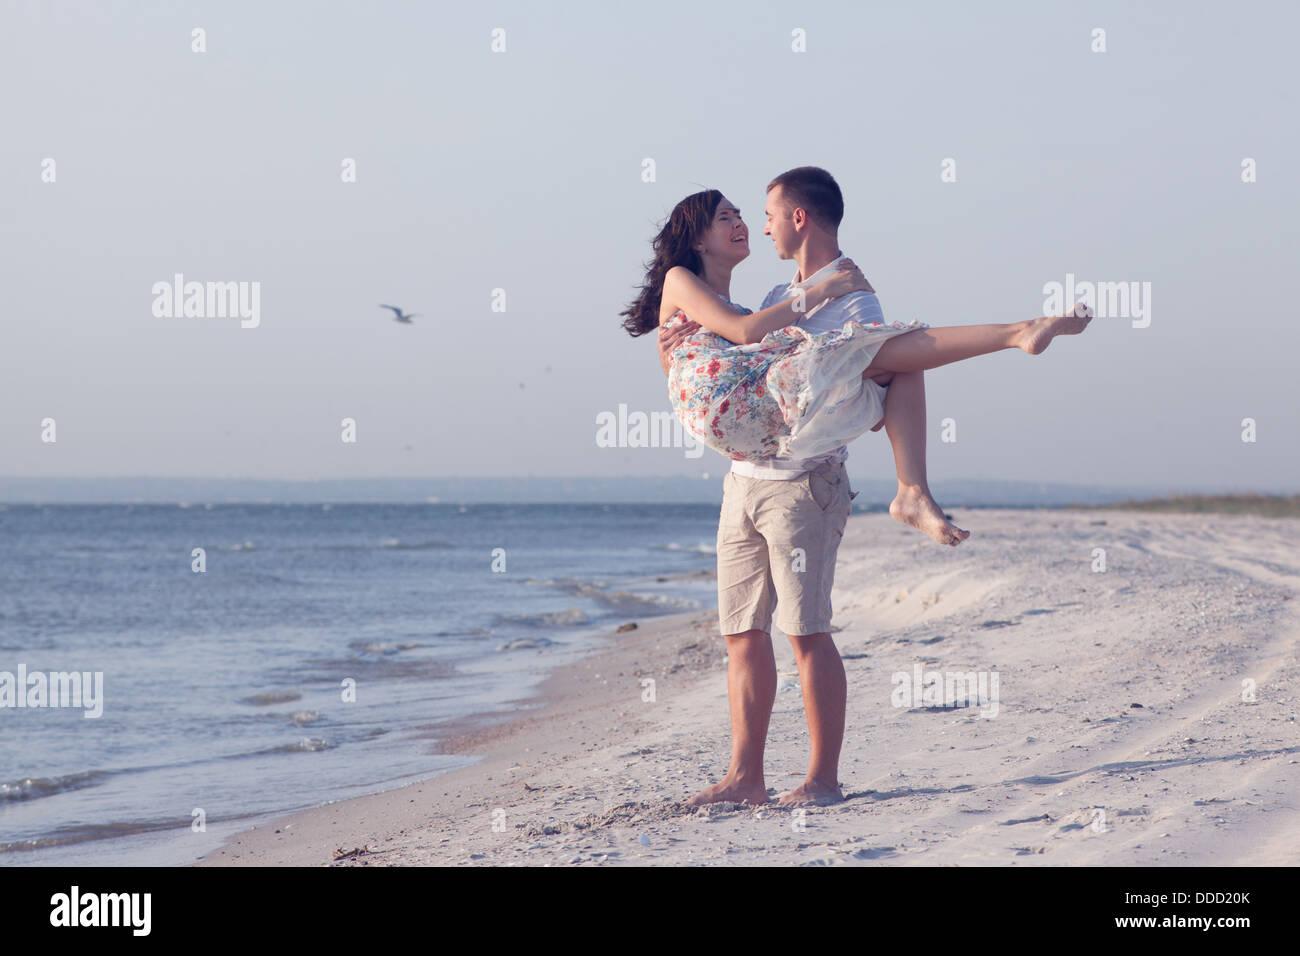 Feliz pareja joven en ropa blanca tienen recreación romántica y diversión en la hermosa playa de vacaciones Foto de stock